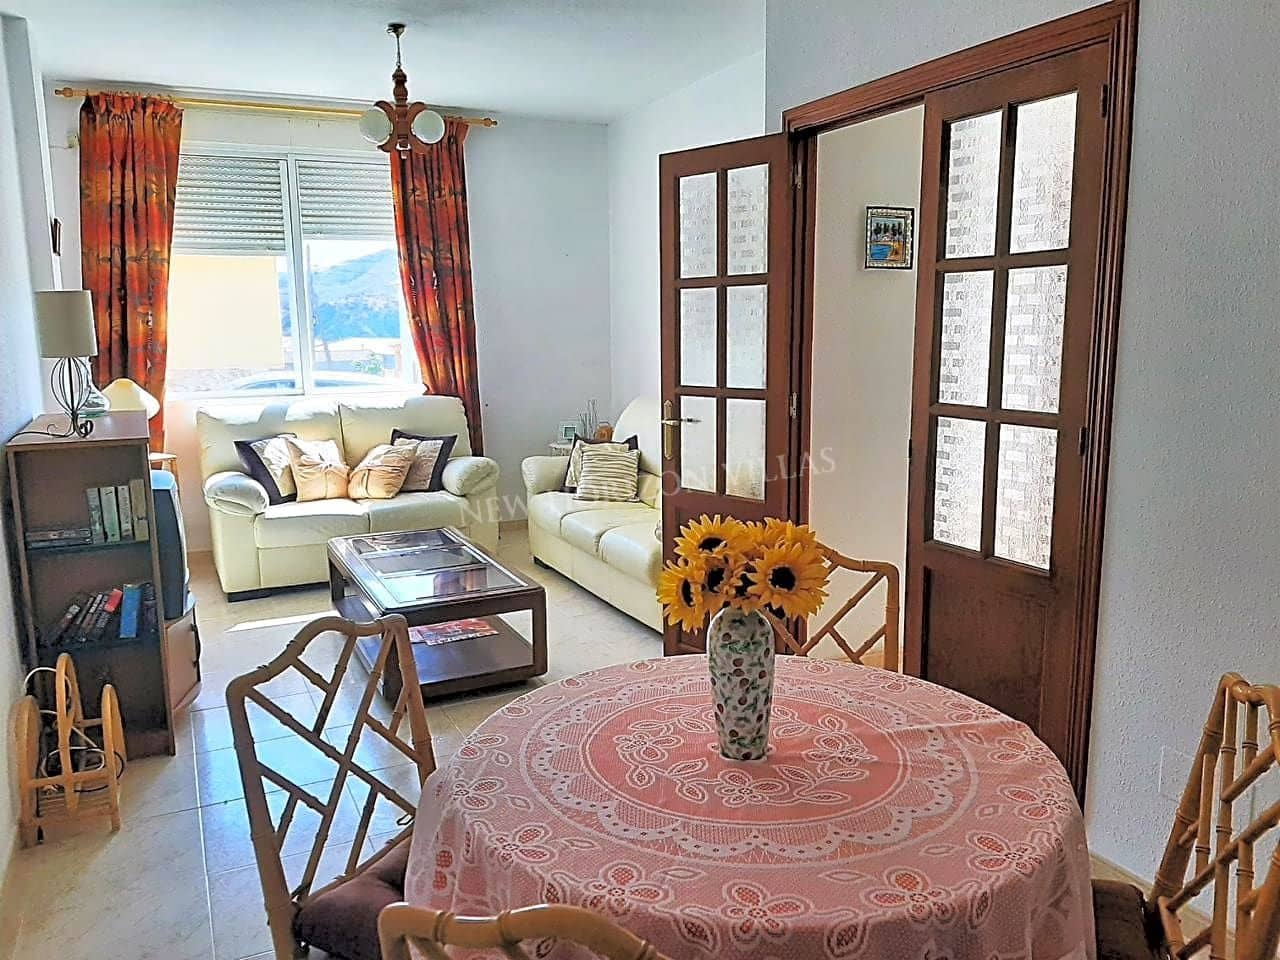 3 chambre Villa/Maison à vendre à Almanzora - 89 950 € (Ref: 5627216)